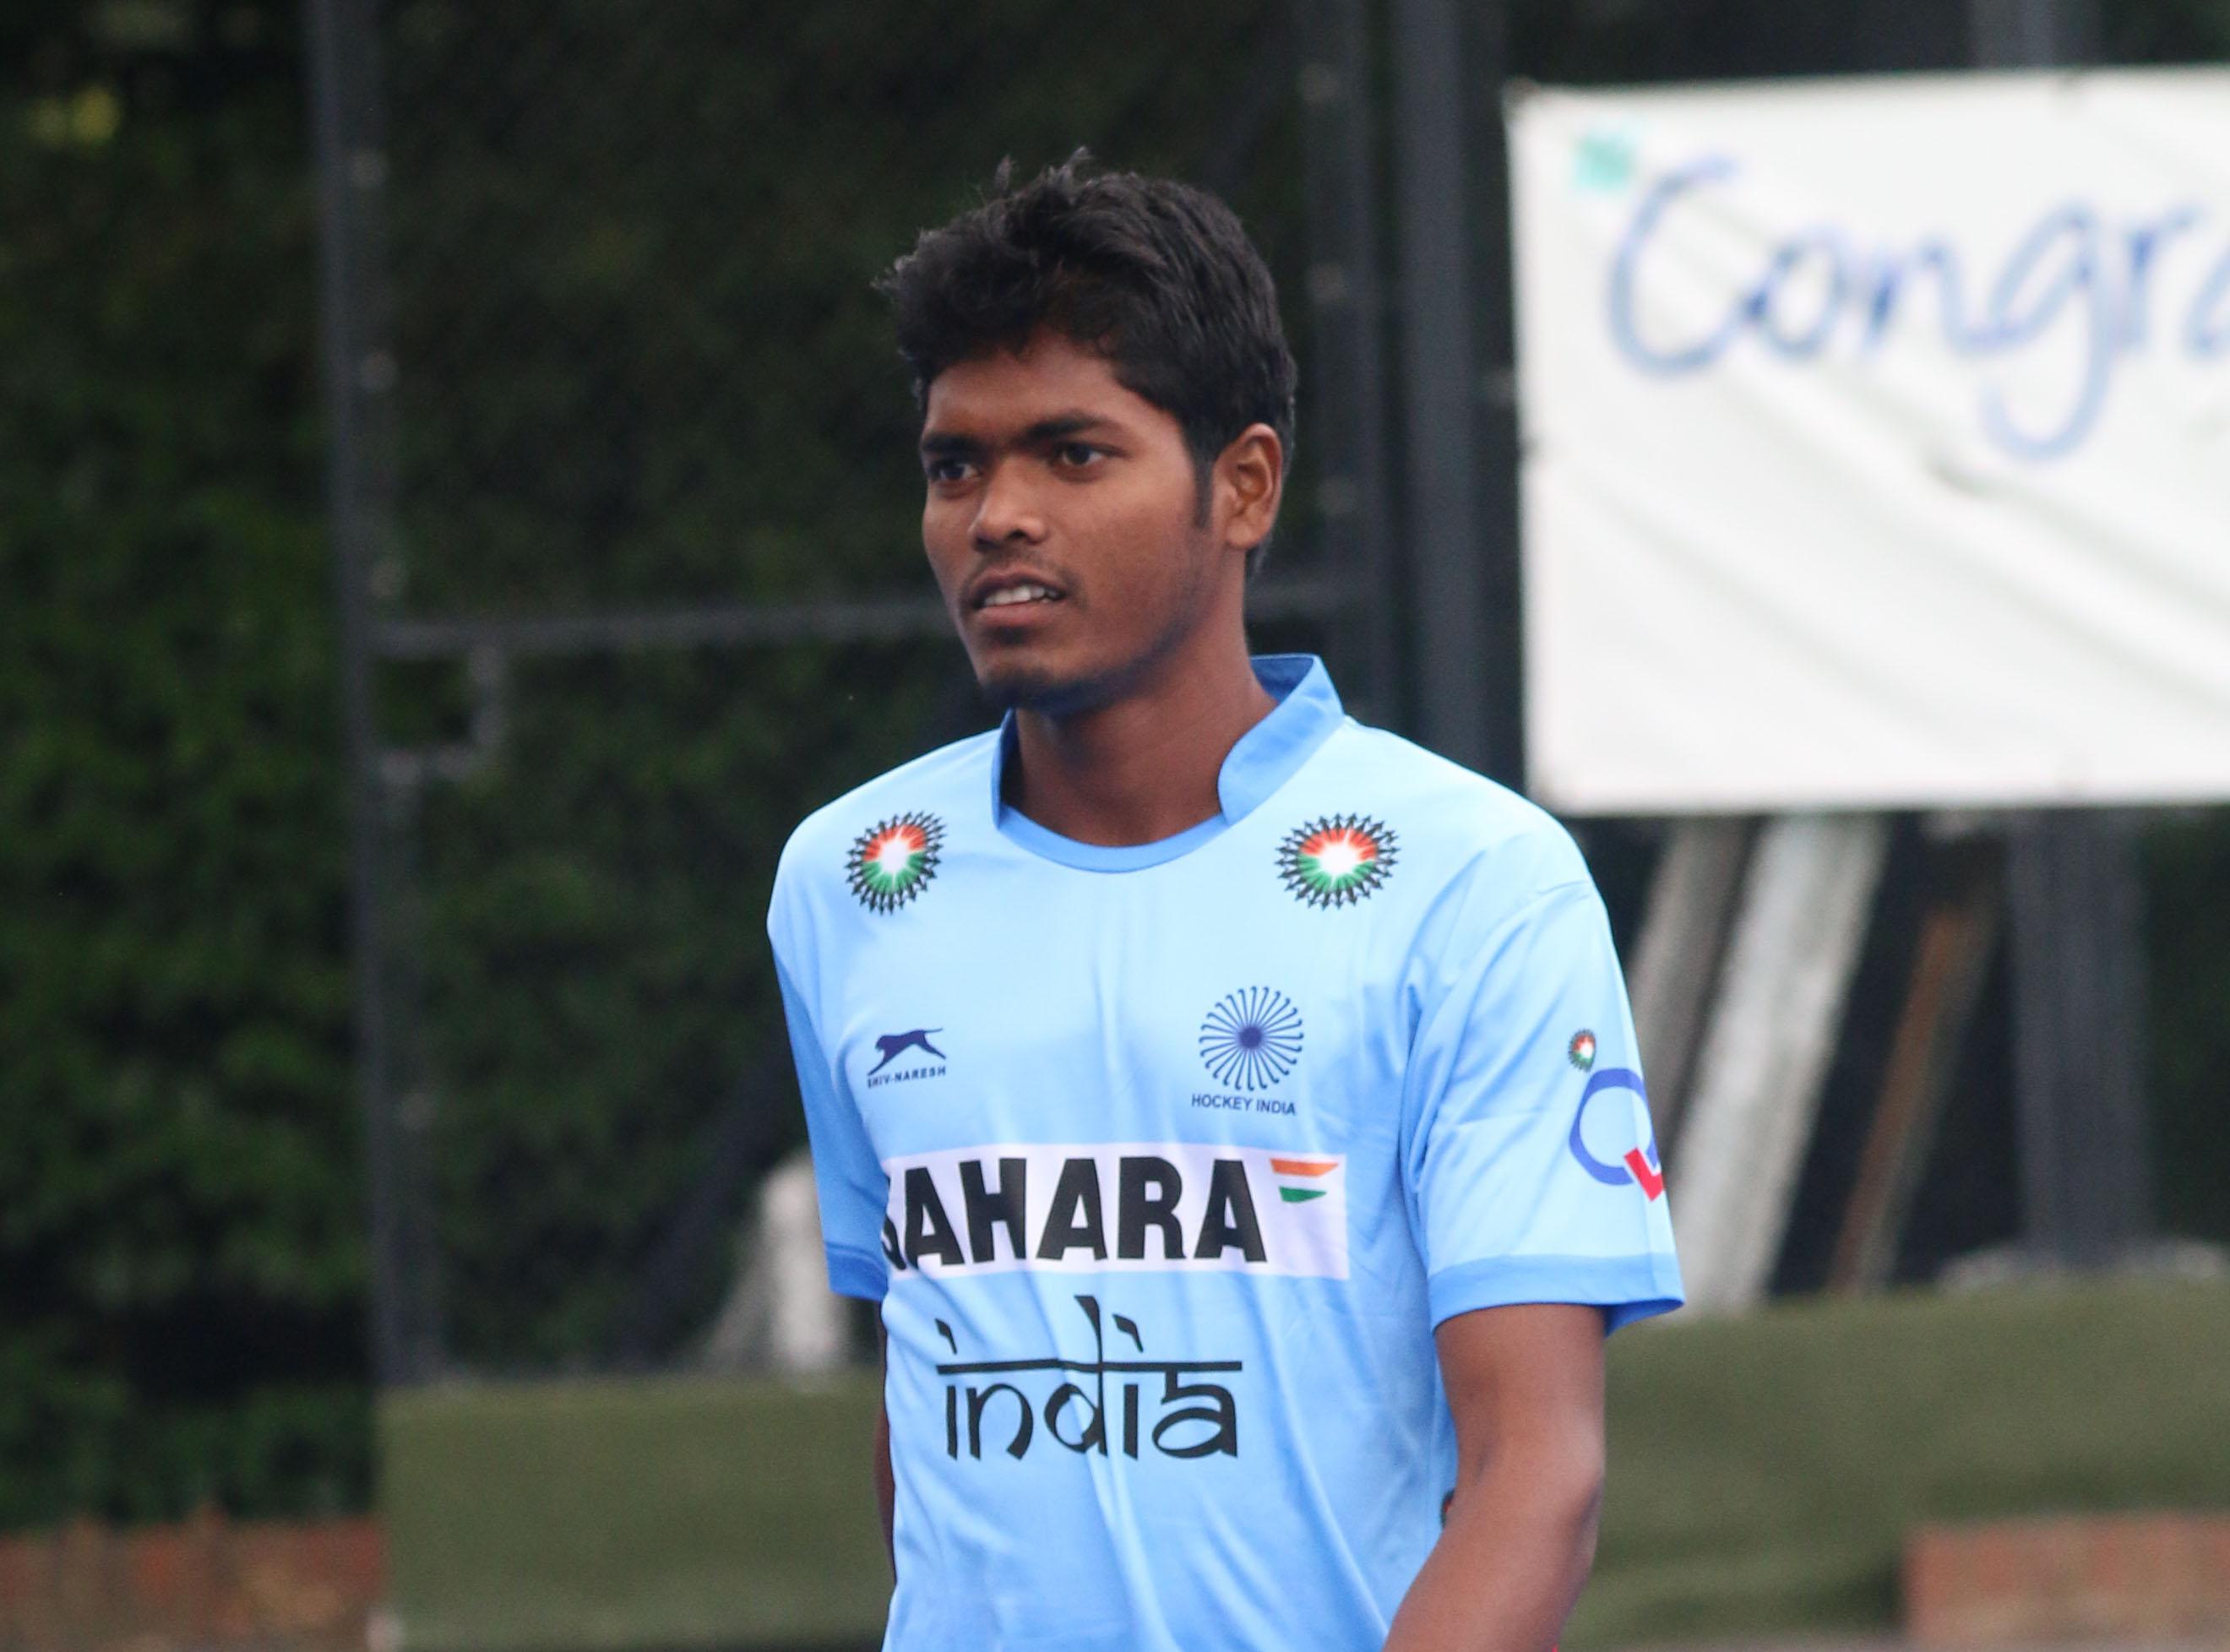 Pic Courtesy: http://www.bhubaneswarbuzz.com/